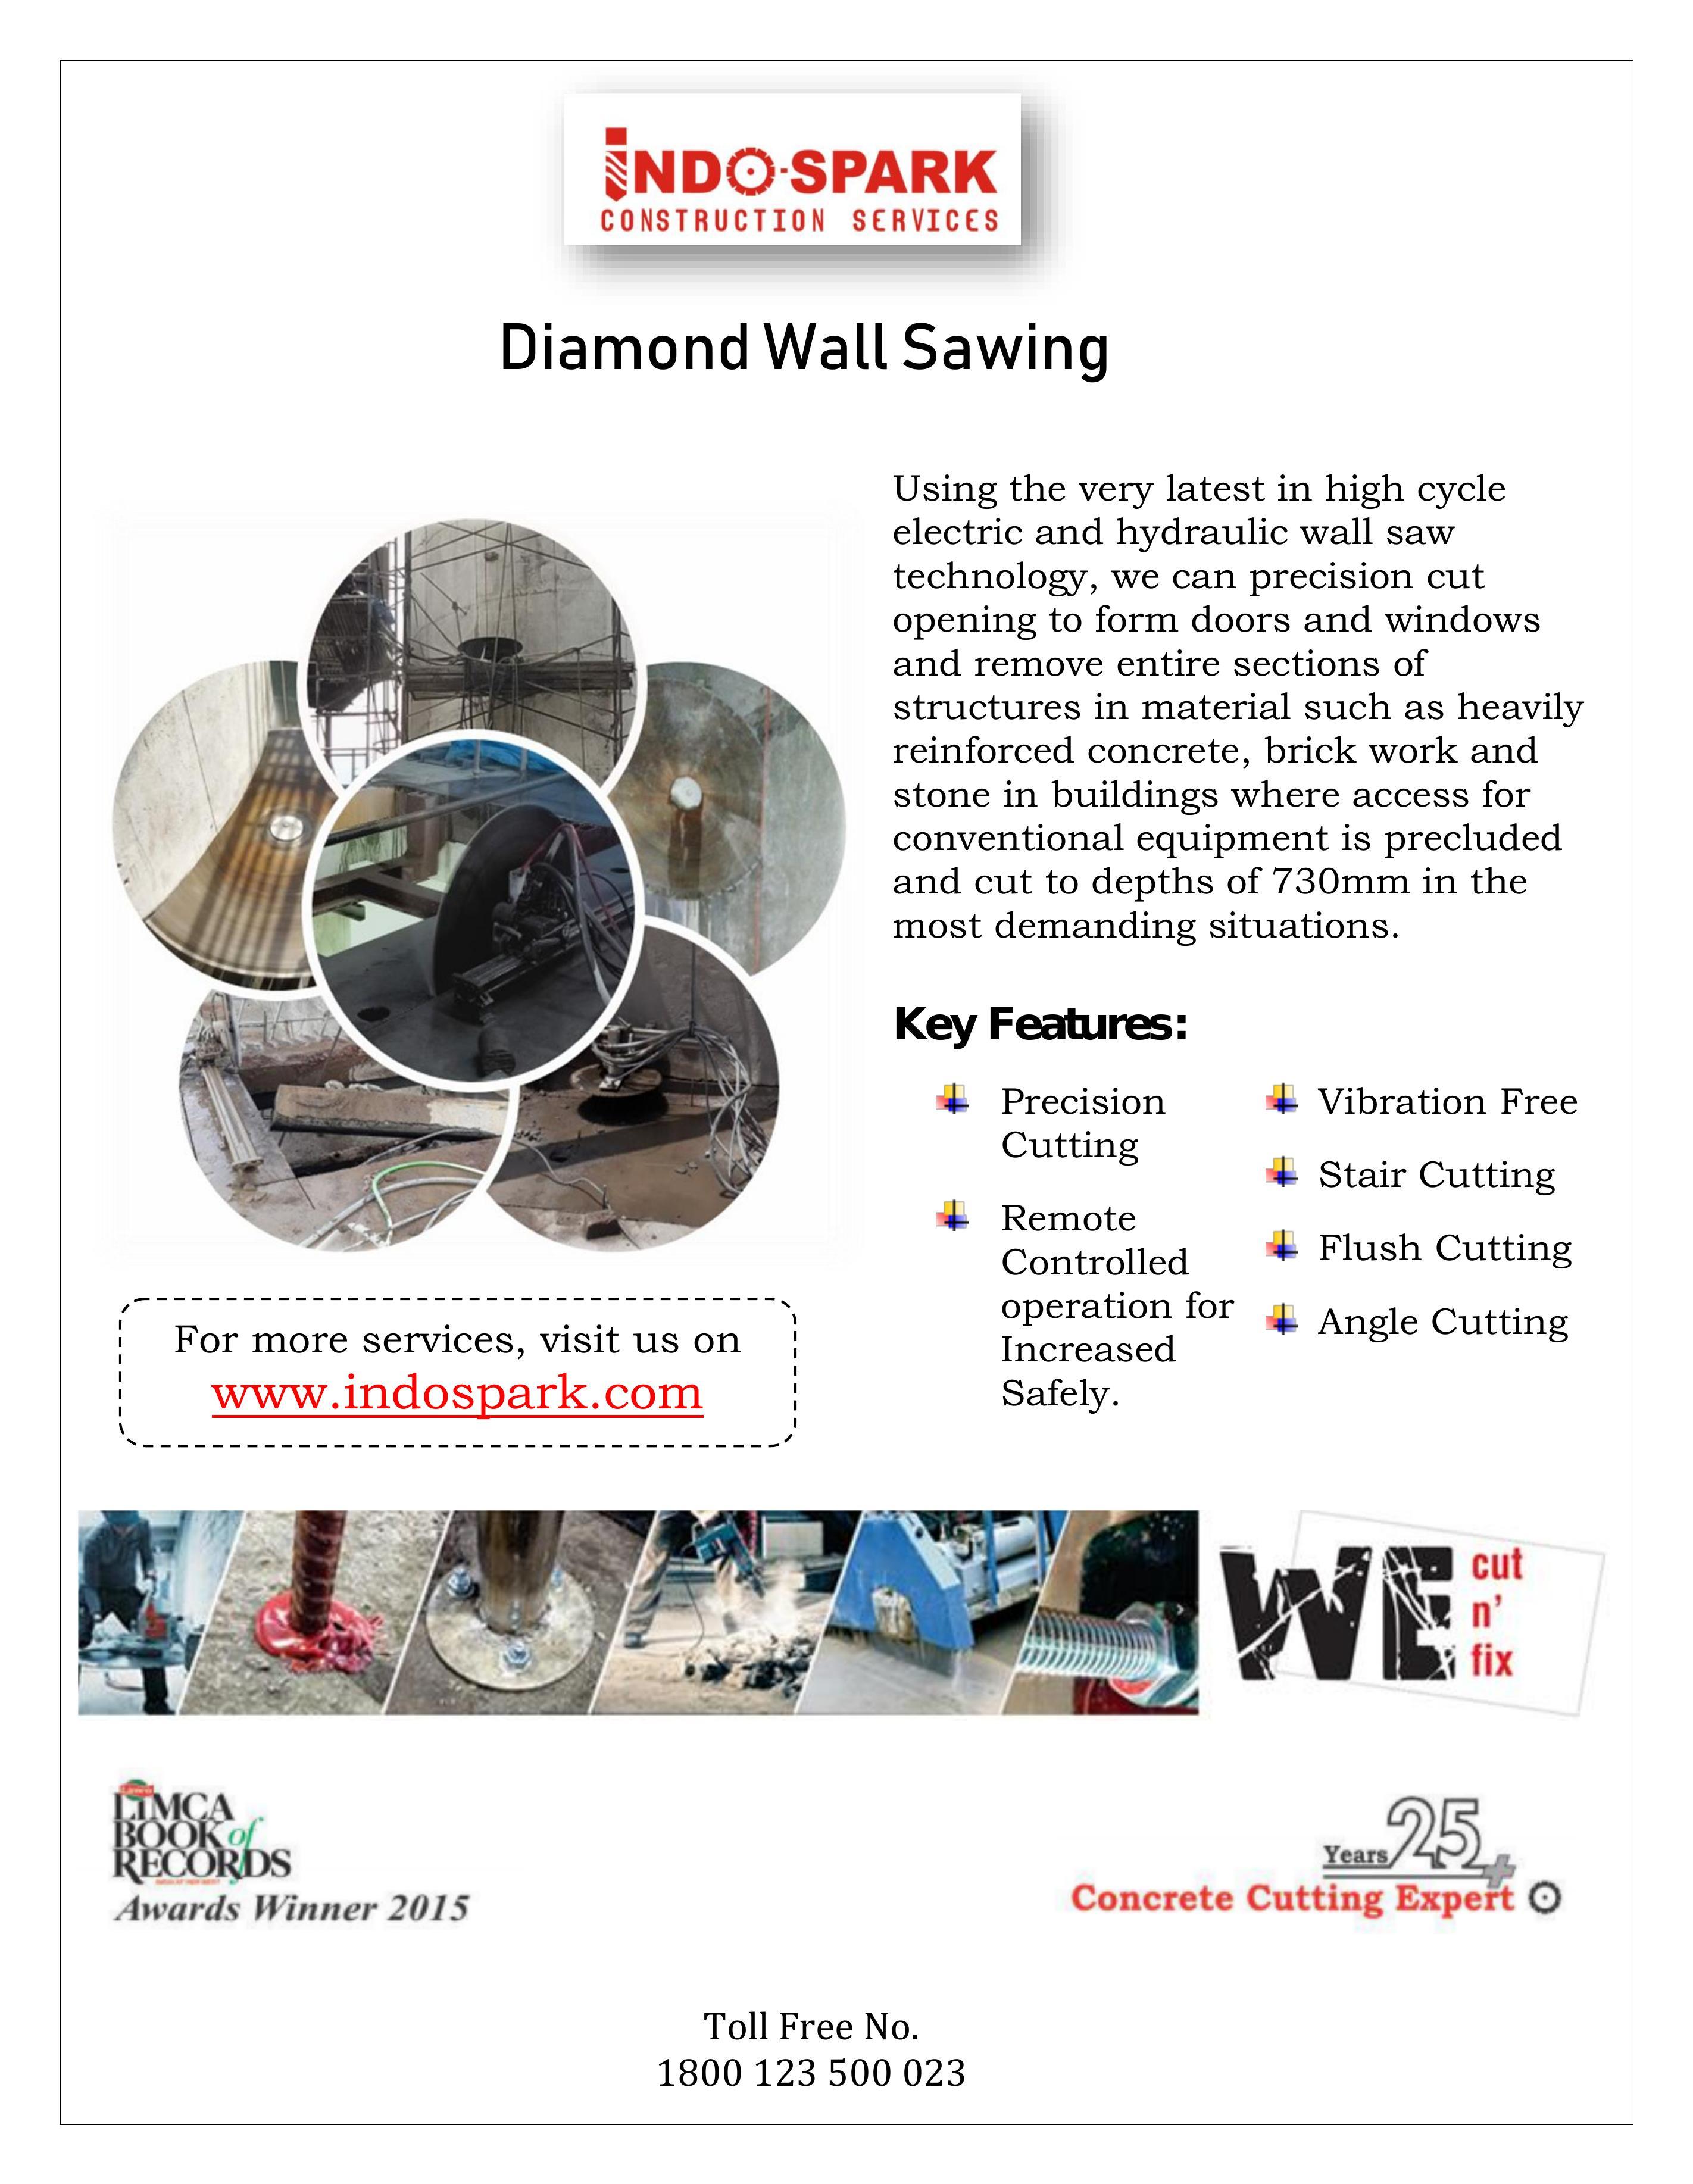 Diamond Wall Sawing